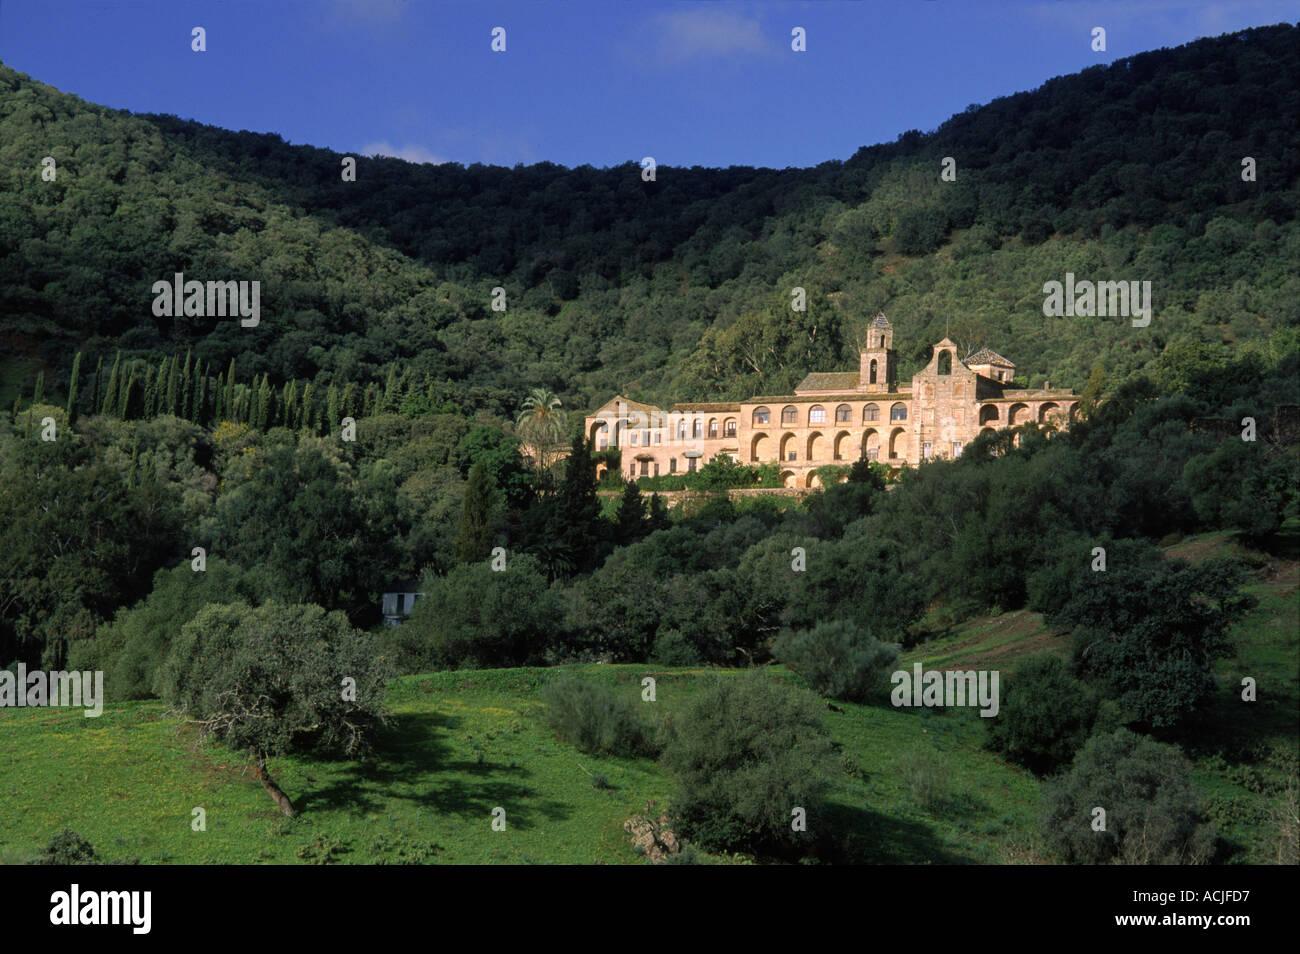 Los Jeronimos royal monastery 15th century Cordoba Spain Europe - Stock Image